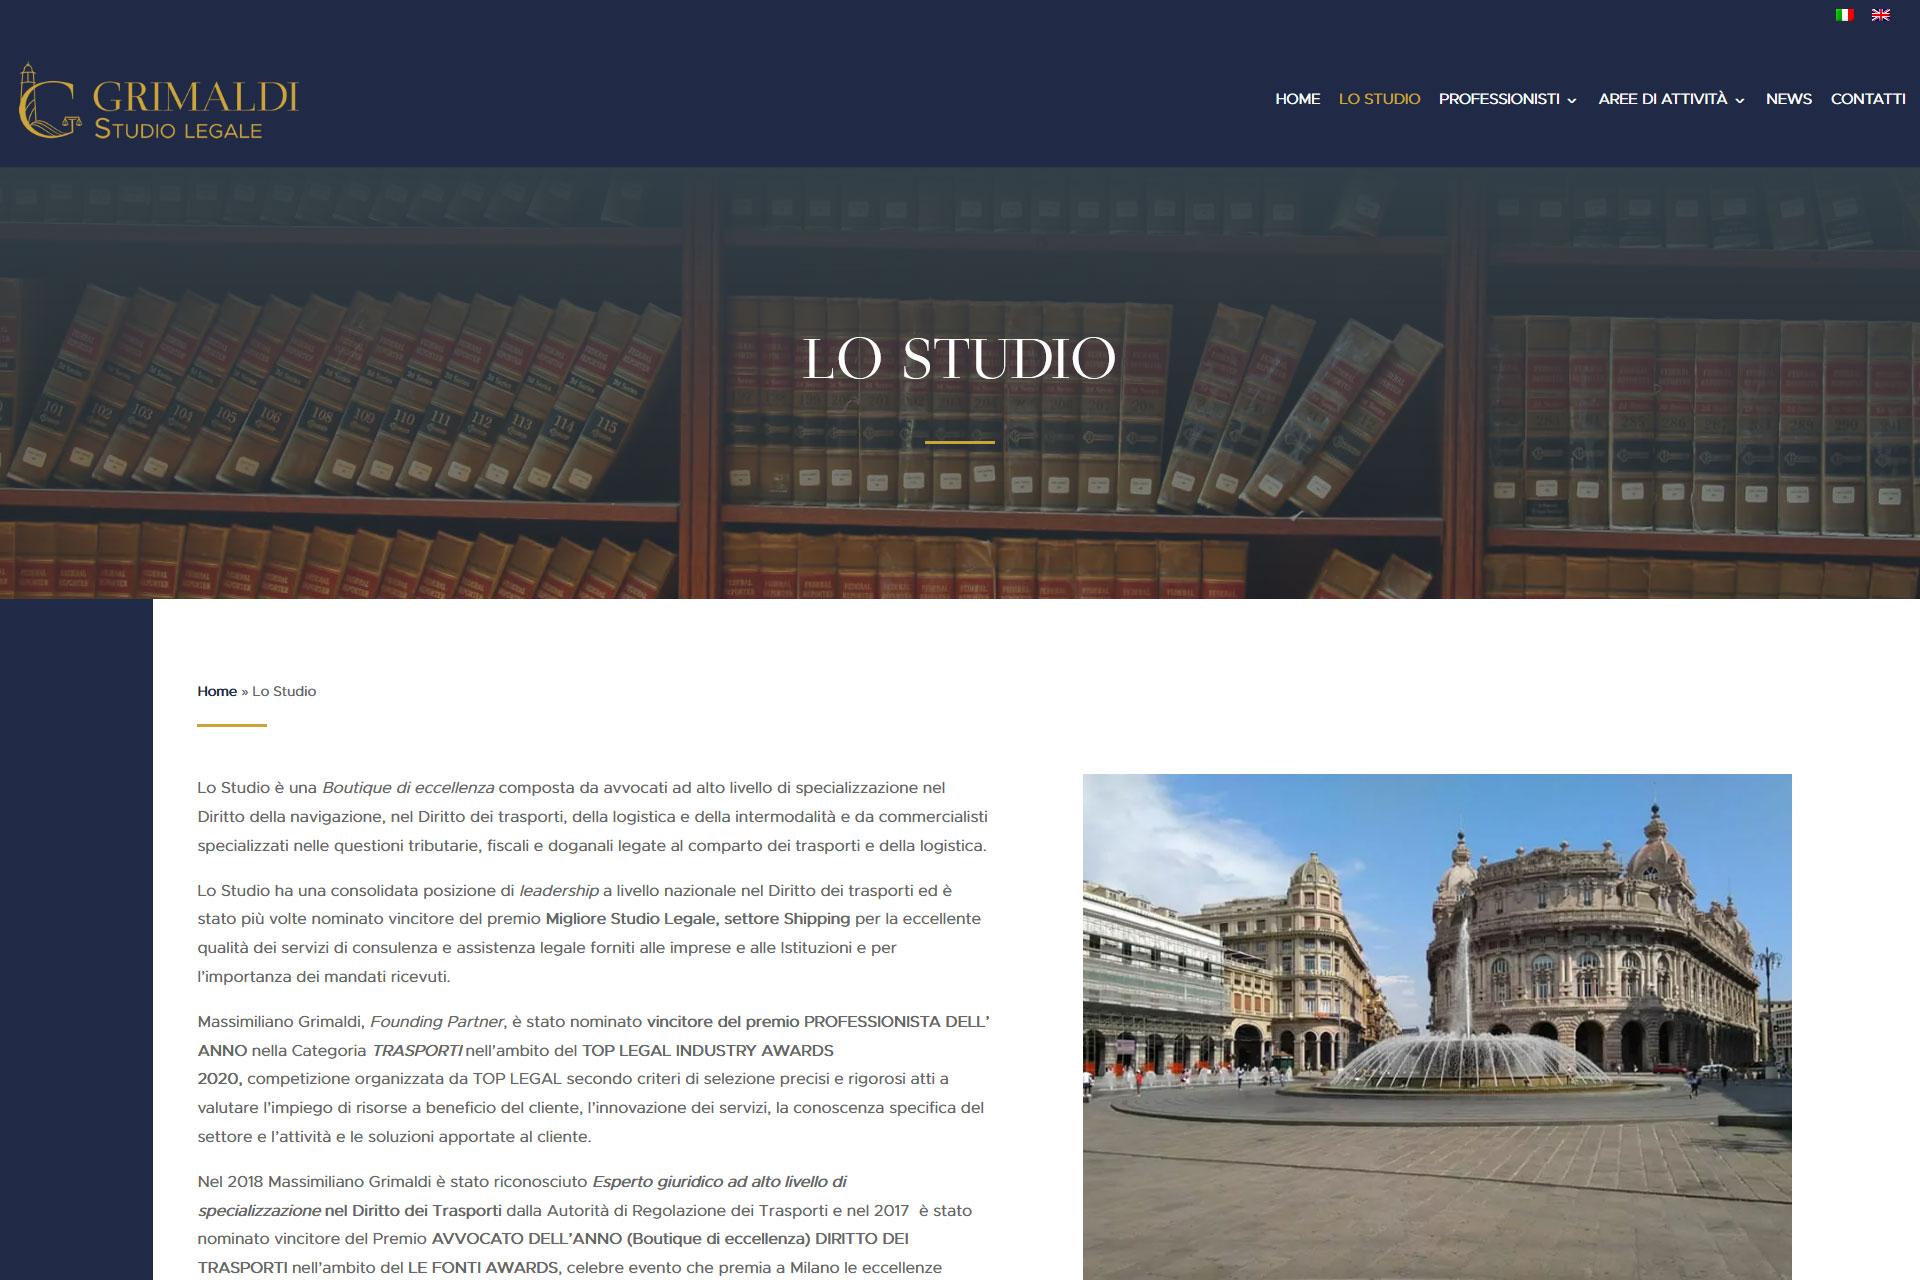 lv-design-realizzazione-siti-web-bologna-portfolio-grimaldi-studio-legale-slide-2